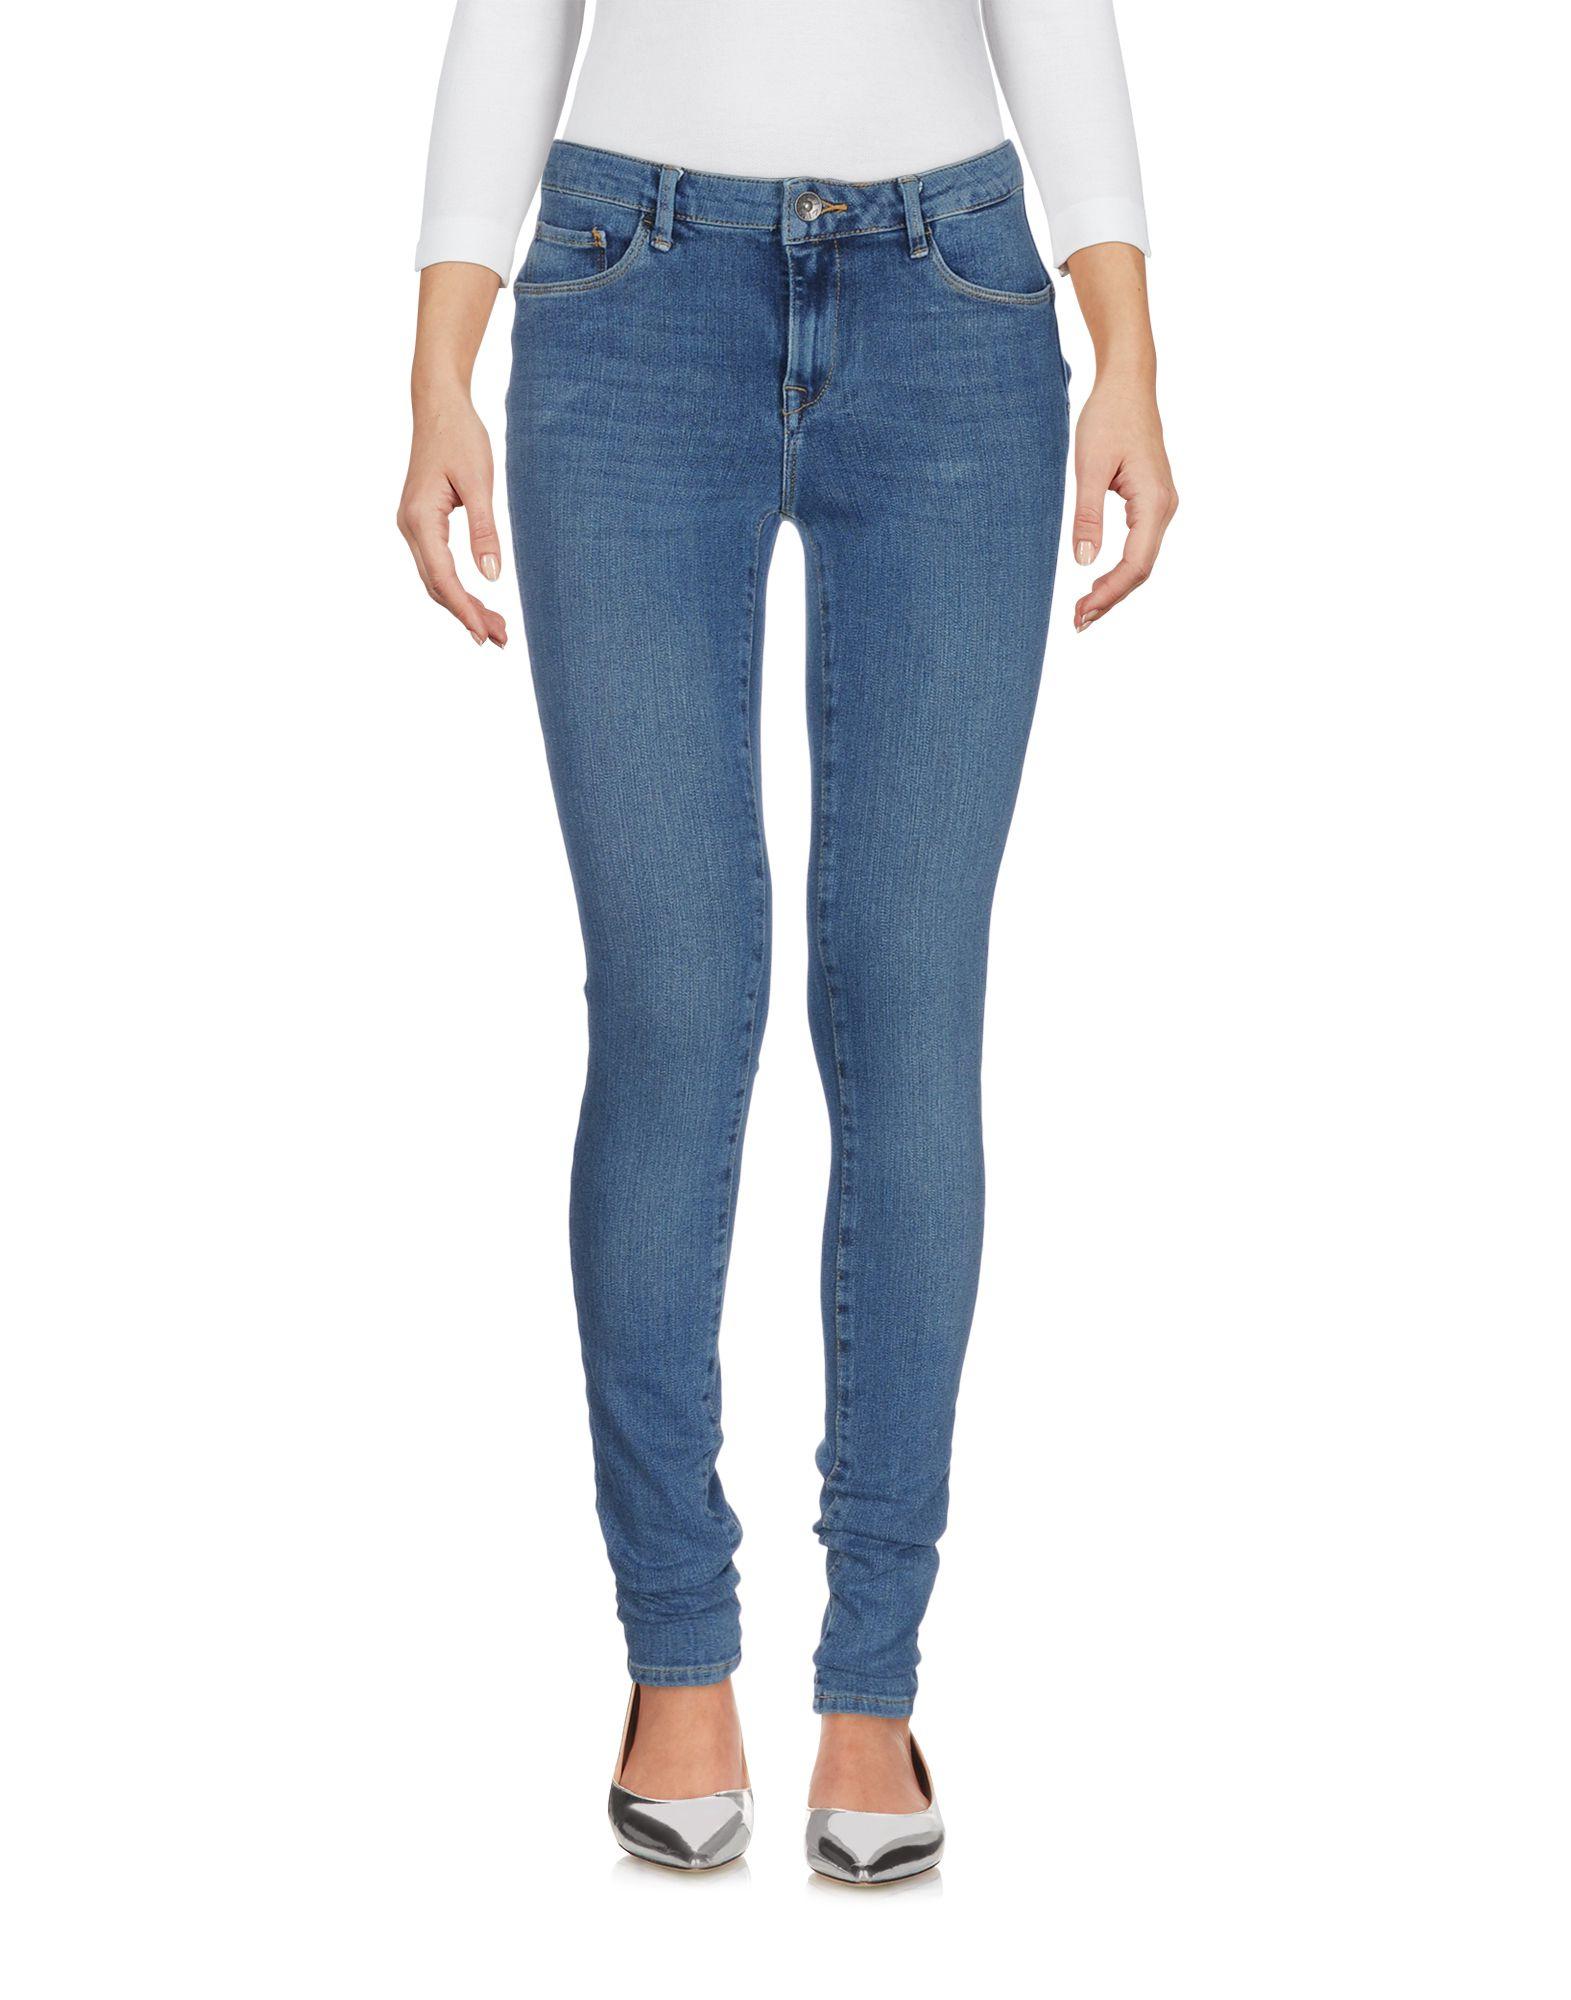 VERO MODA Джинсовые брюки брюки женские vero moda цвет черный 10183272 размер s 32 42 32